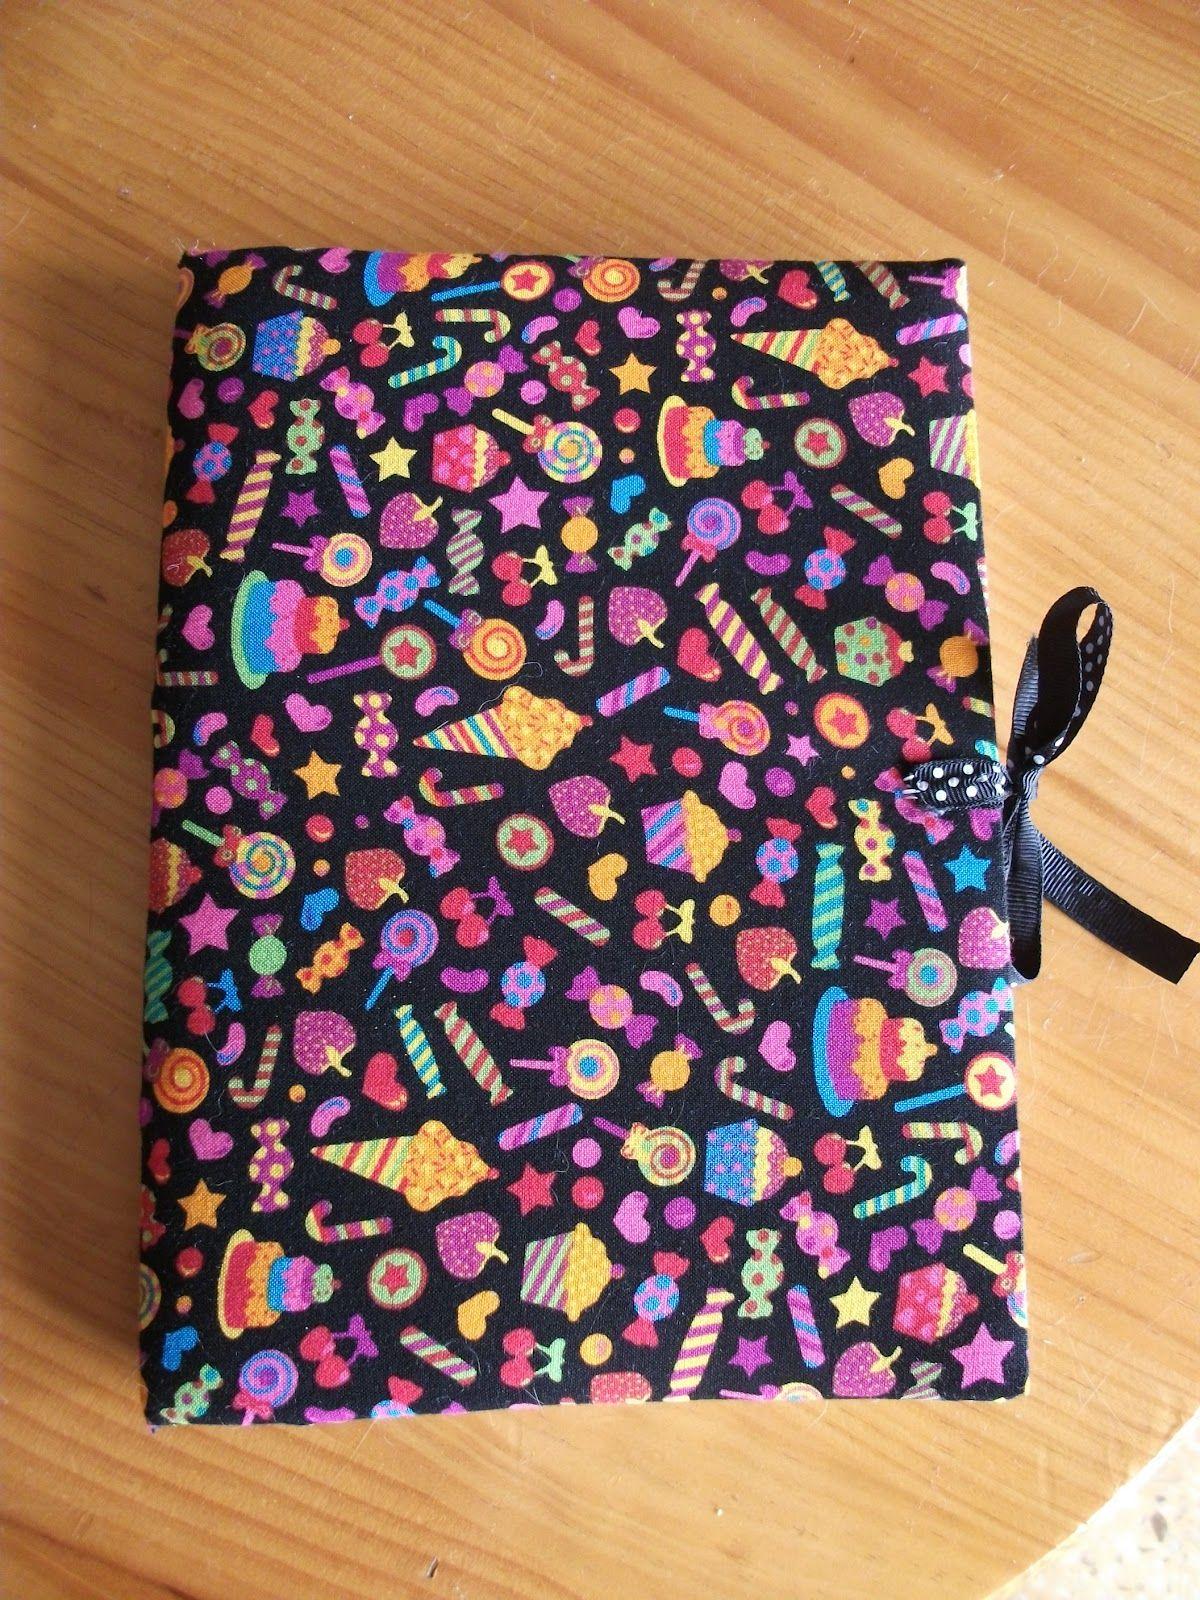 Forro de cuadernos creativos forro de cuadrenos pinterest cuadernos manualidades y - Manualidades y bricolaje ...